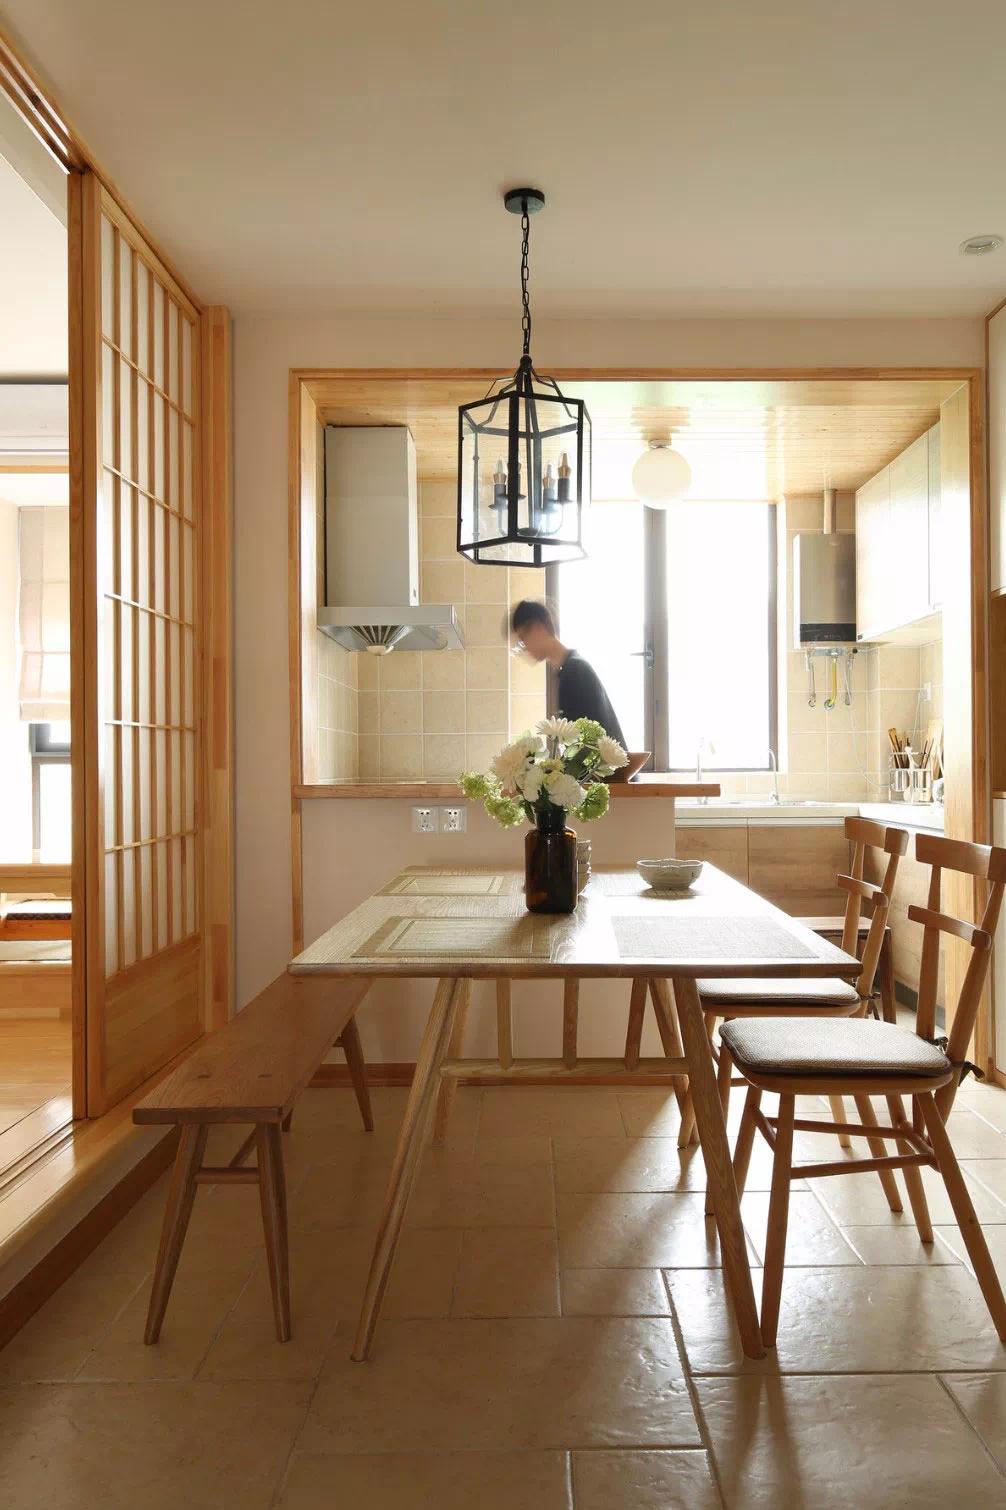 自然、舒适、简约、实用,把住宅做到了极致的日式风格 日式 软装 第20张